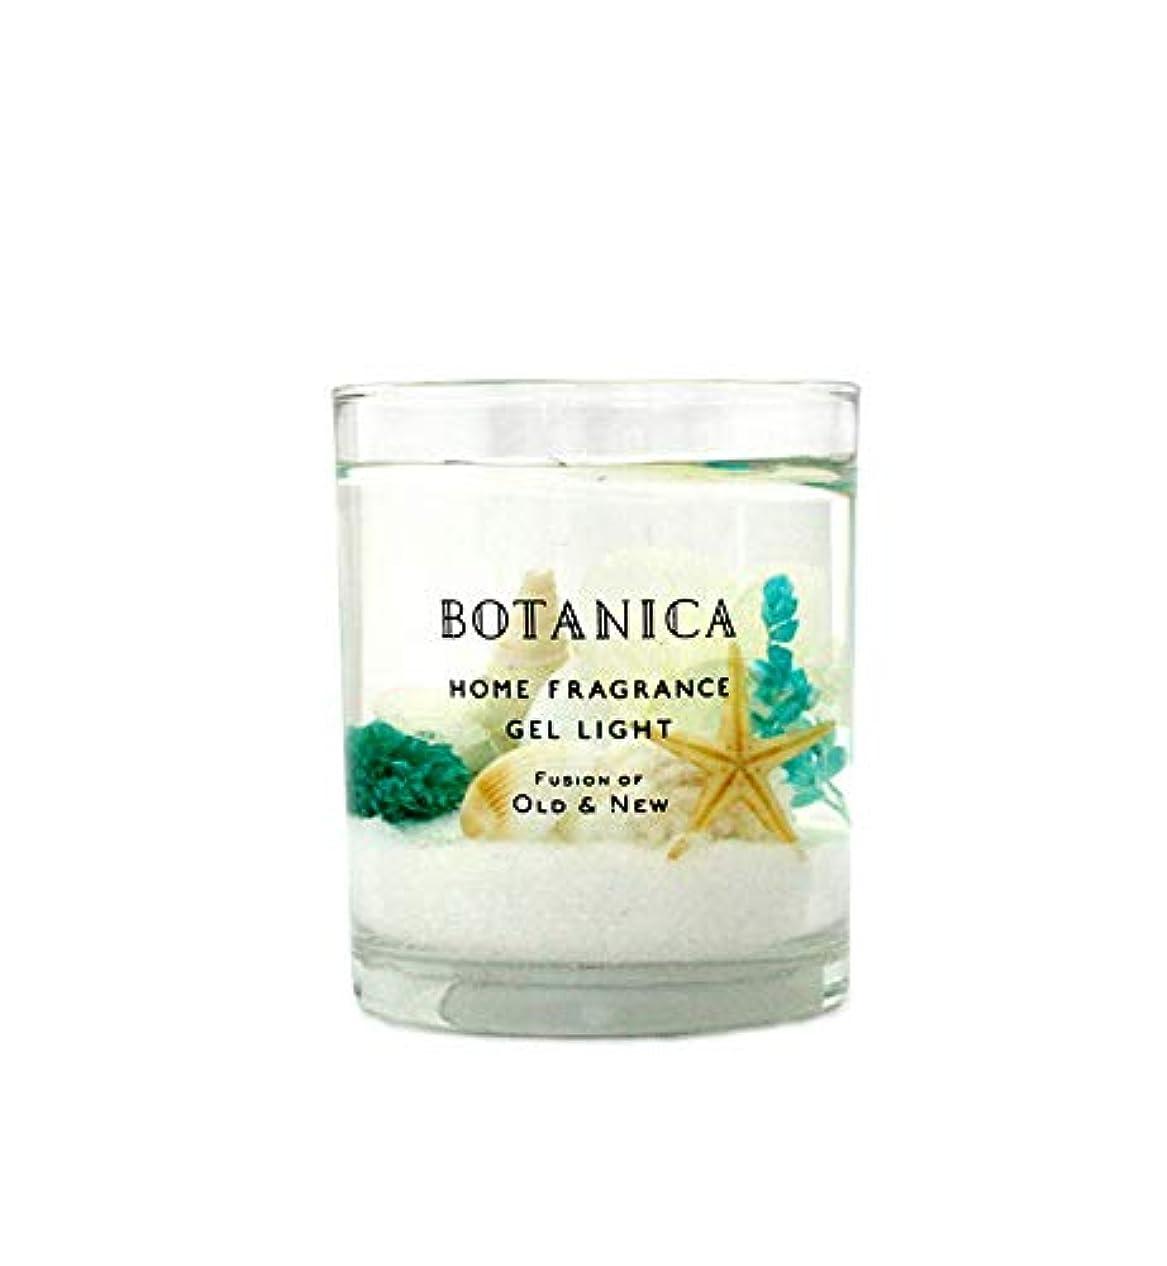 BOTANICA(ボタニカ) BOTANICA ハーバリウムジェルライト クラリティーシェル Herbarium Gel Light Clarity Shell ボタニカ H75×Φ60mm/90g